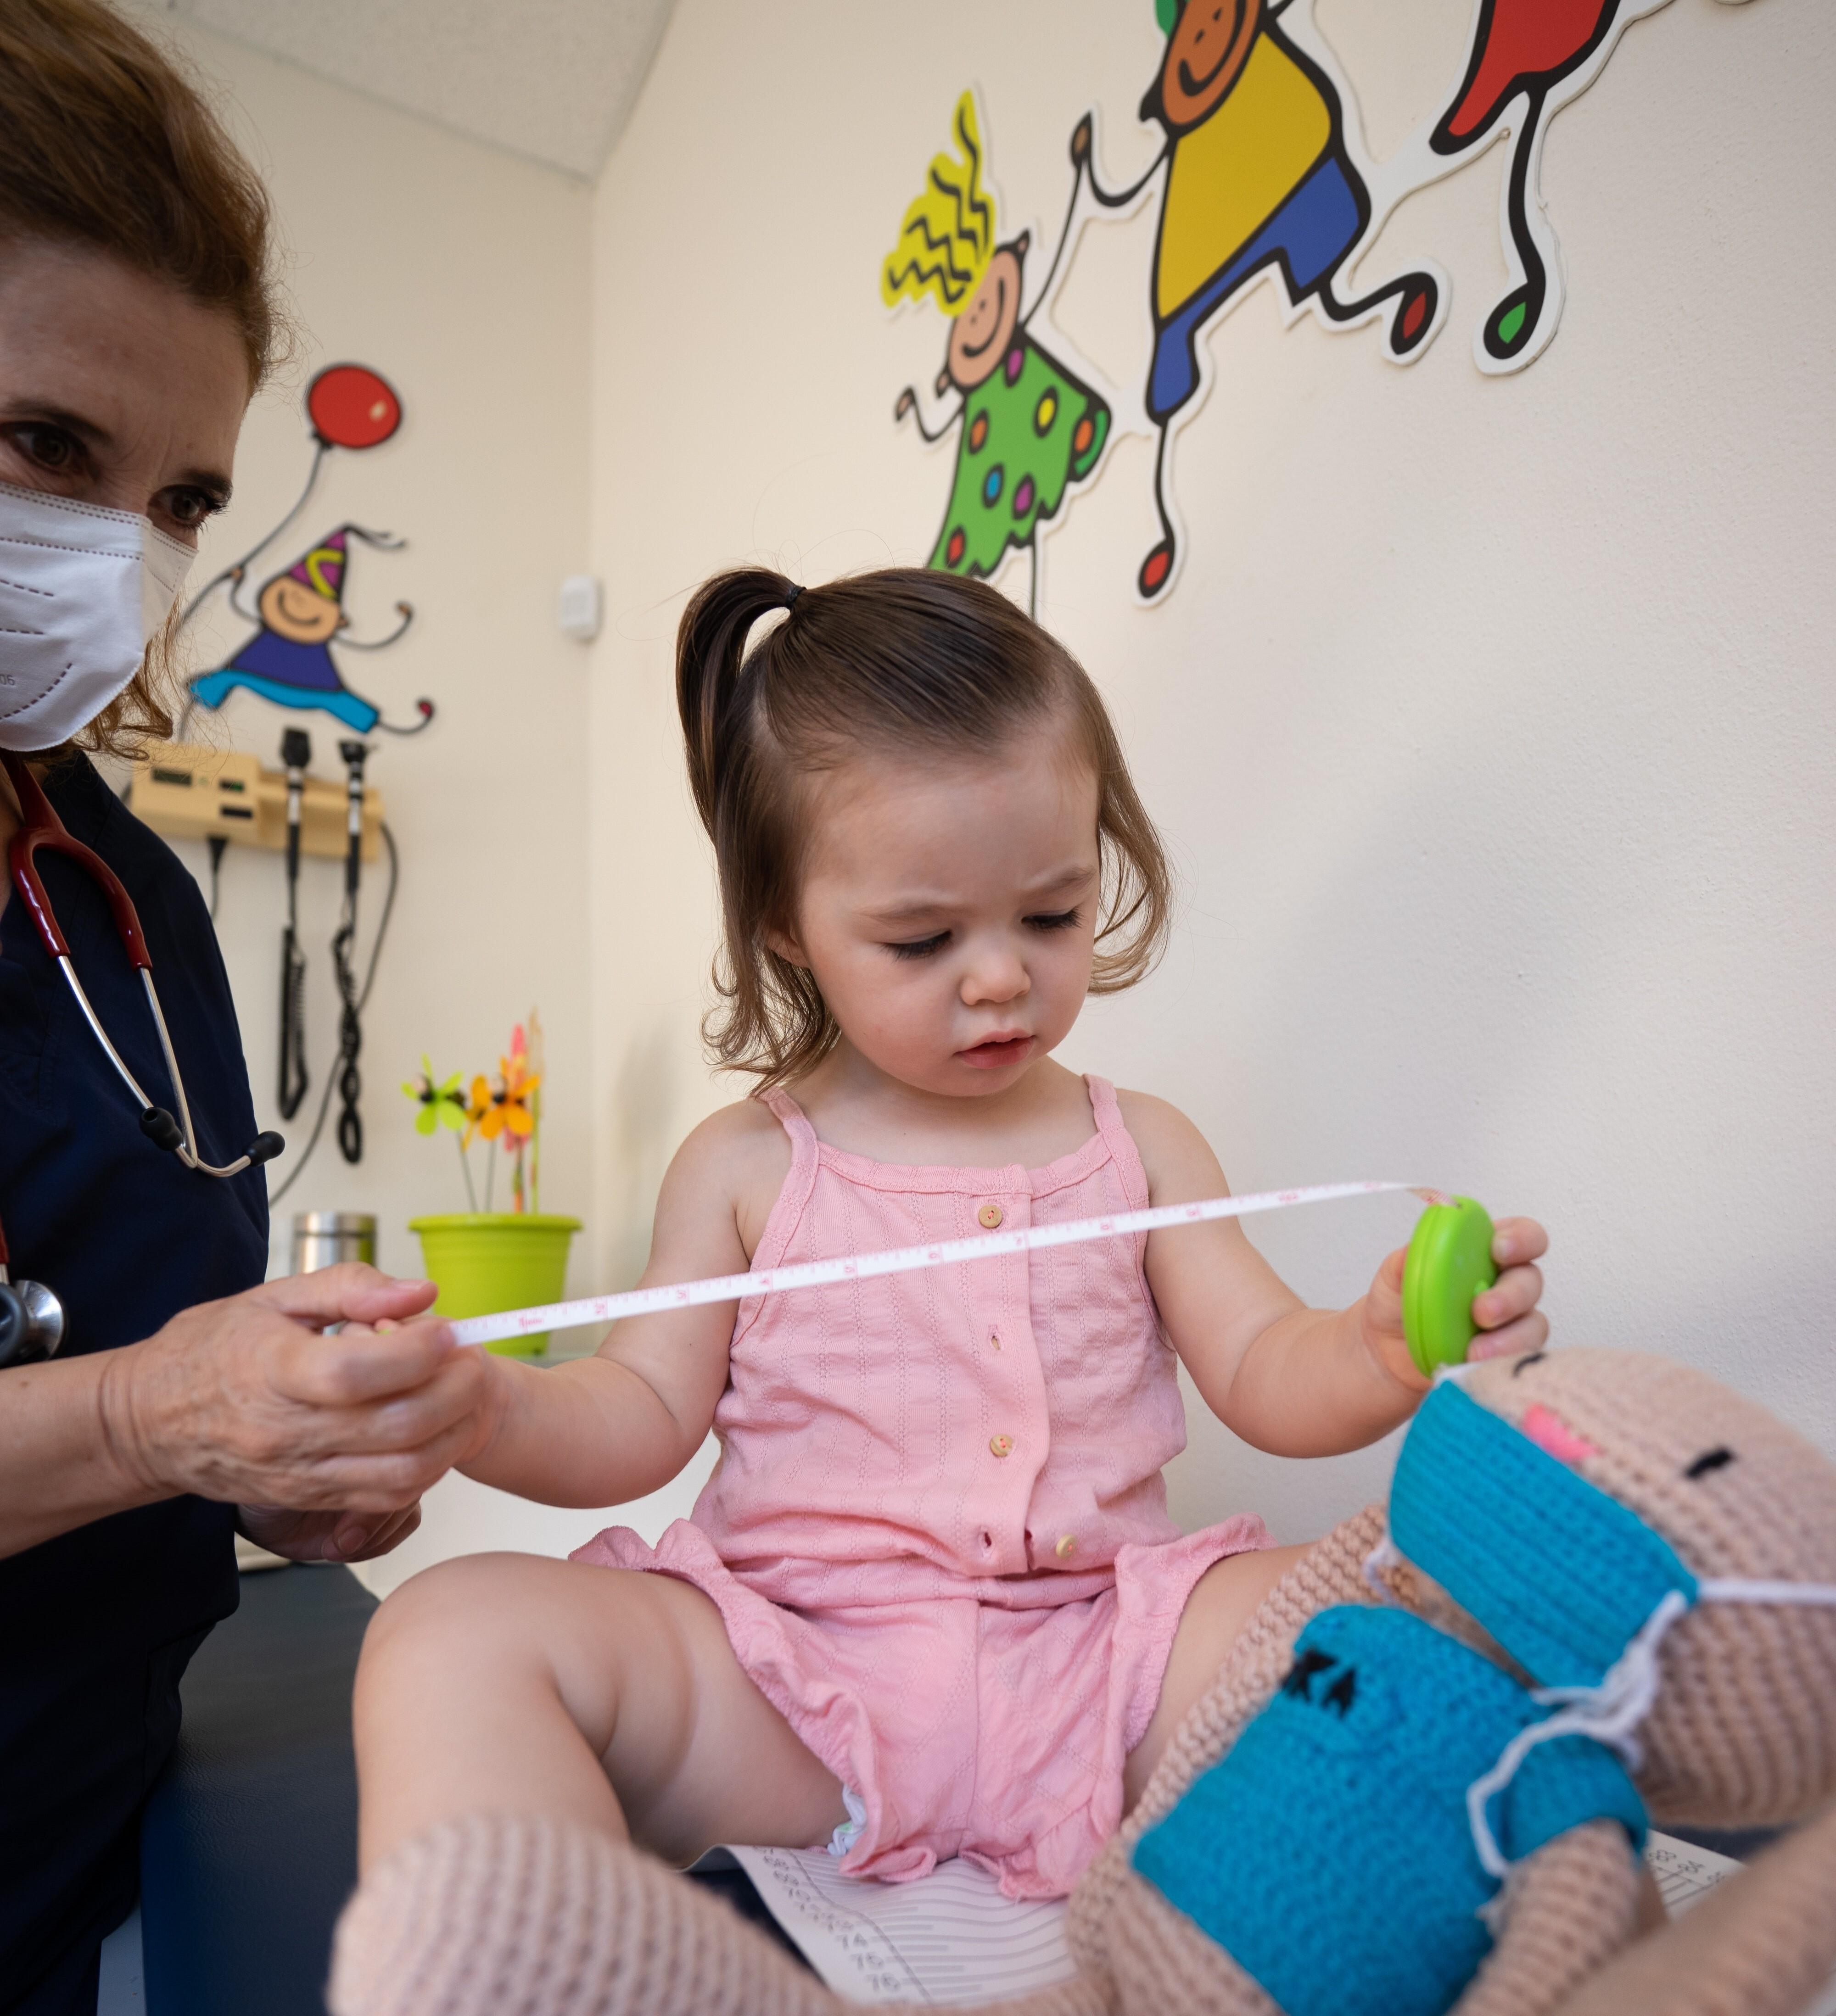 Maior hospital exclusivamente pediátrico do Brasil realiza pesquisa inédita para validação do sensor brain4care em crianças e adolescentes